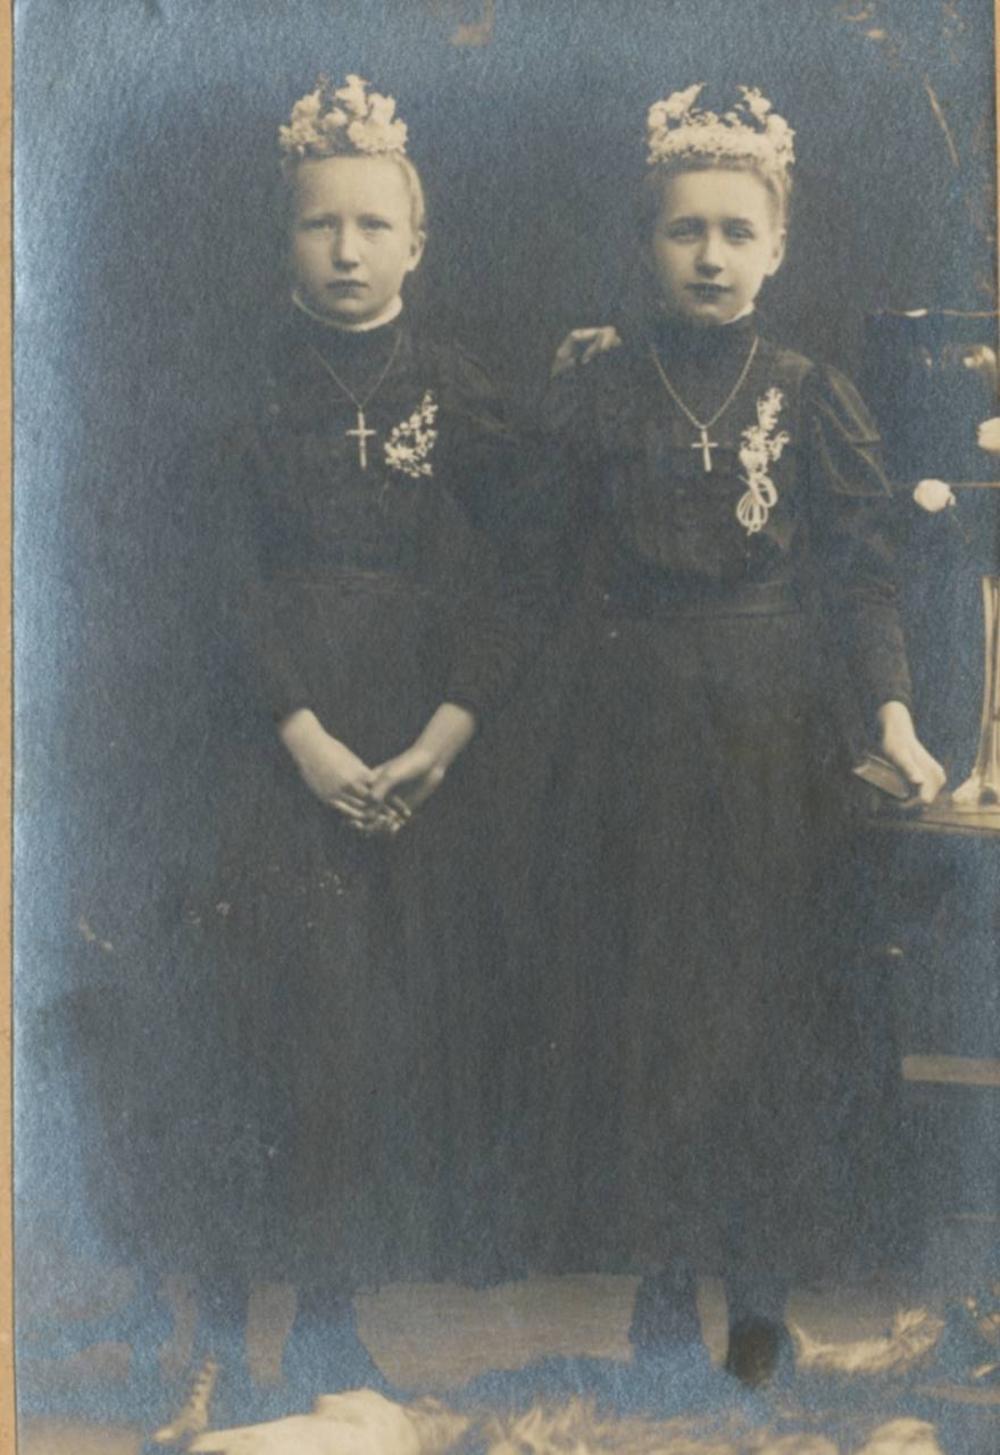 """""""Weißer Sonntag"""" 1910. Elisabeth van der Viefen, verh. Ramme (links) und Helene Rottland, verh. Klein (rechts), die spätere Inhaberin des """"Kleins Büdchen"""" in der Kirchstraße in Lohmar."""